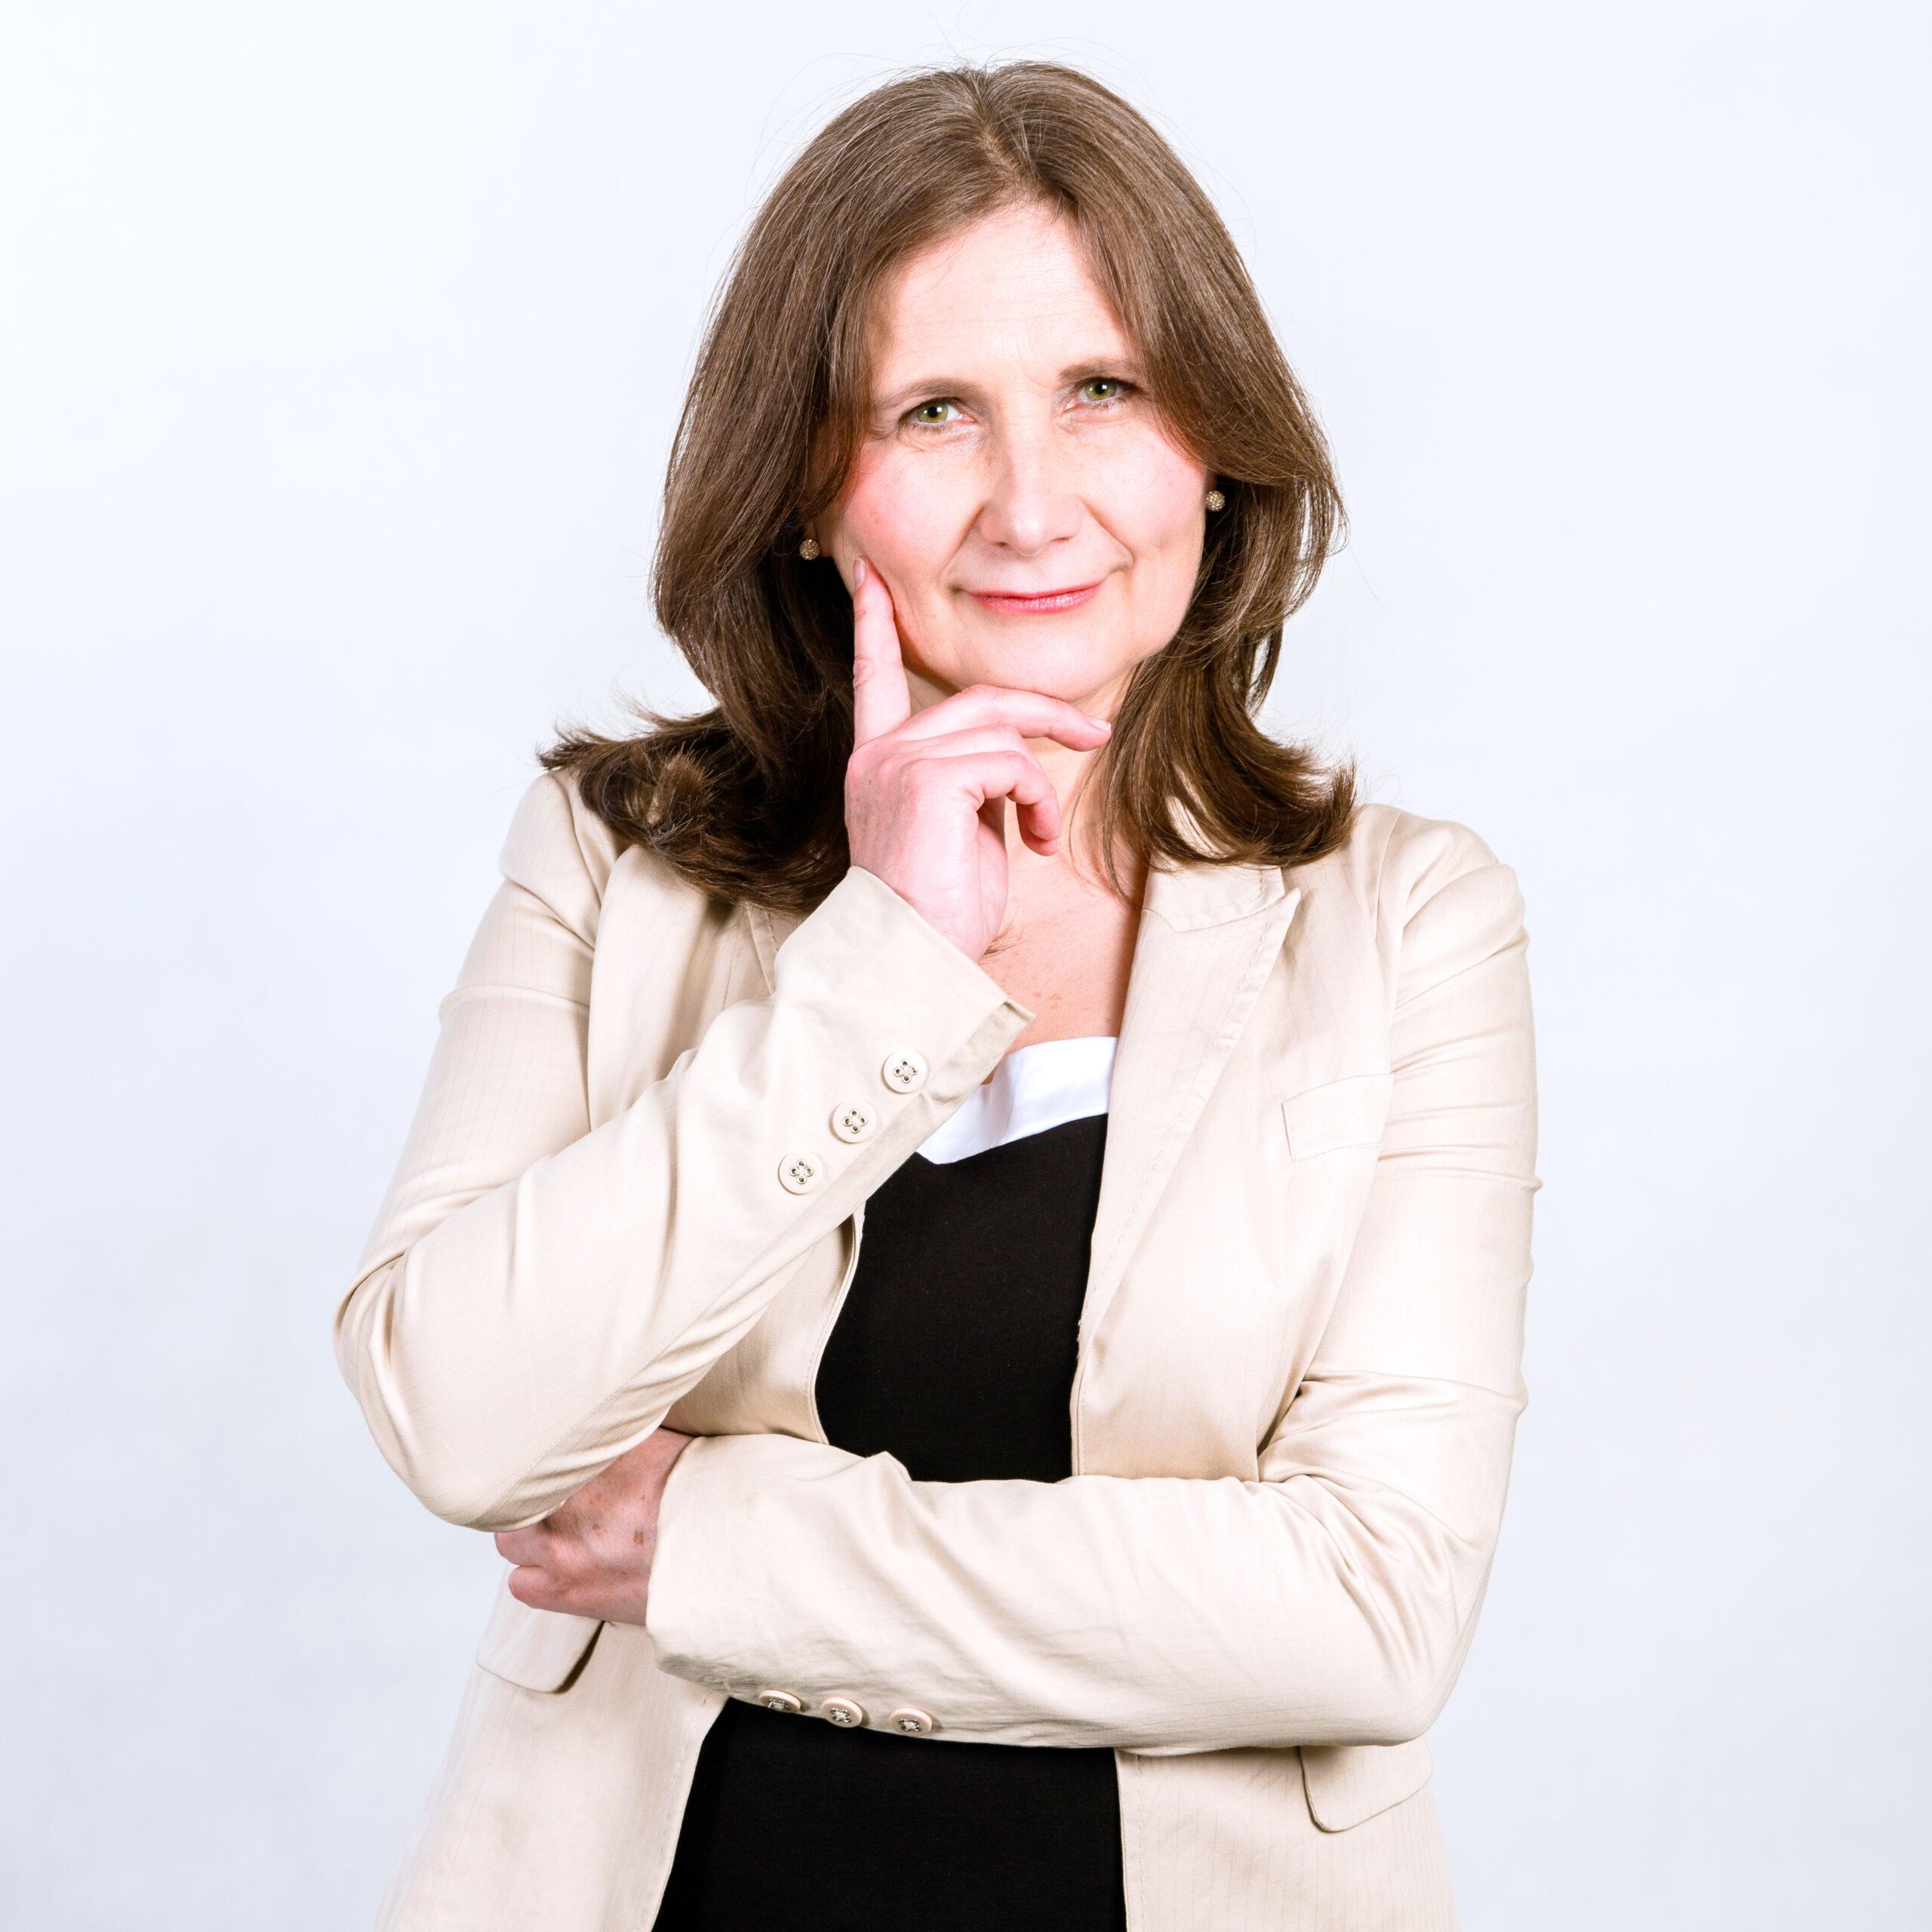 Agnieszka Kaniewska